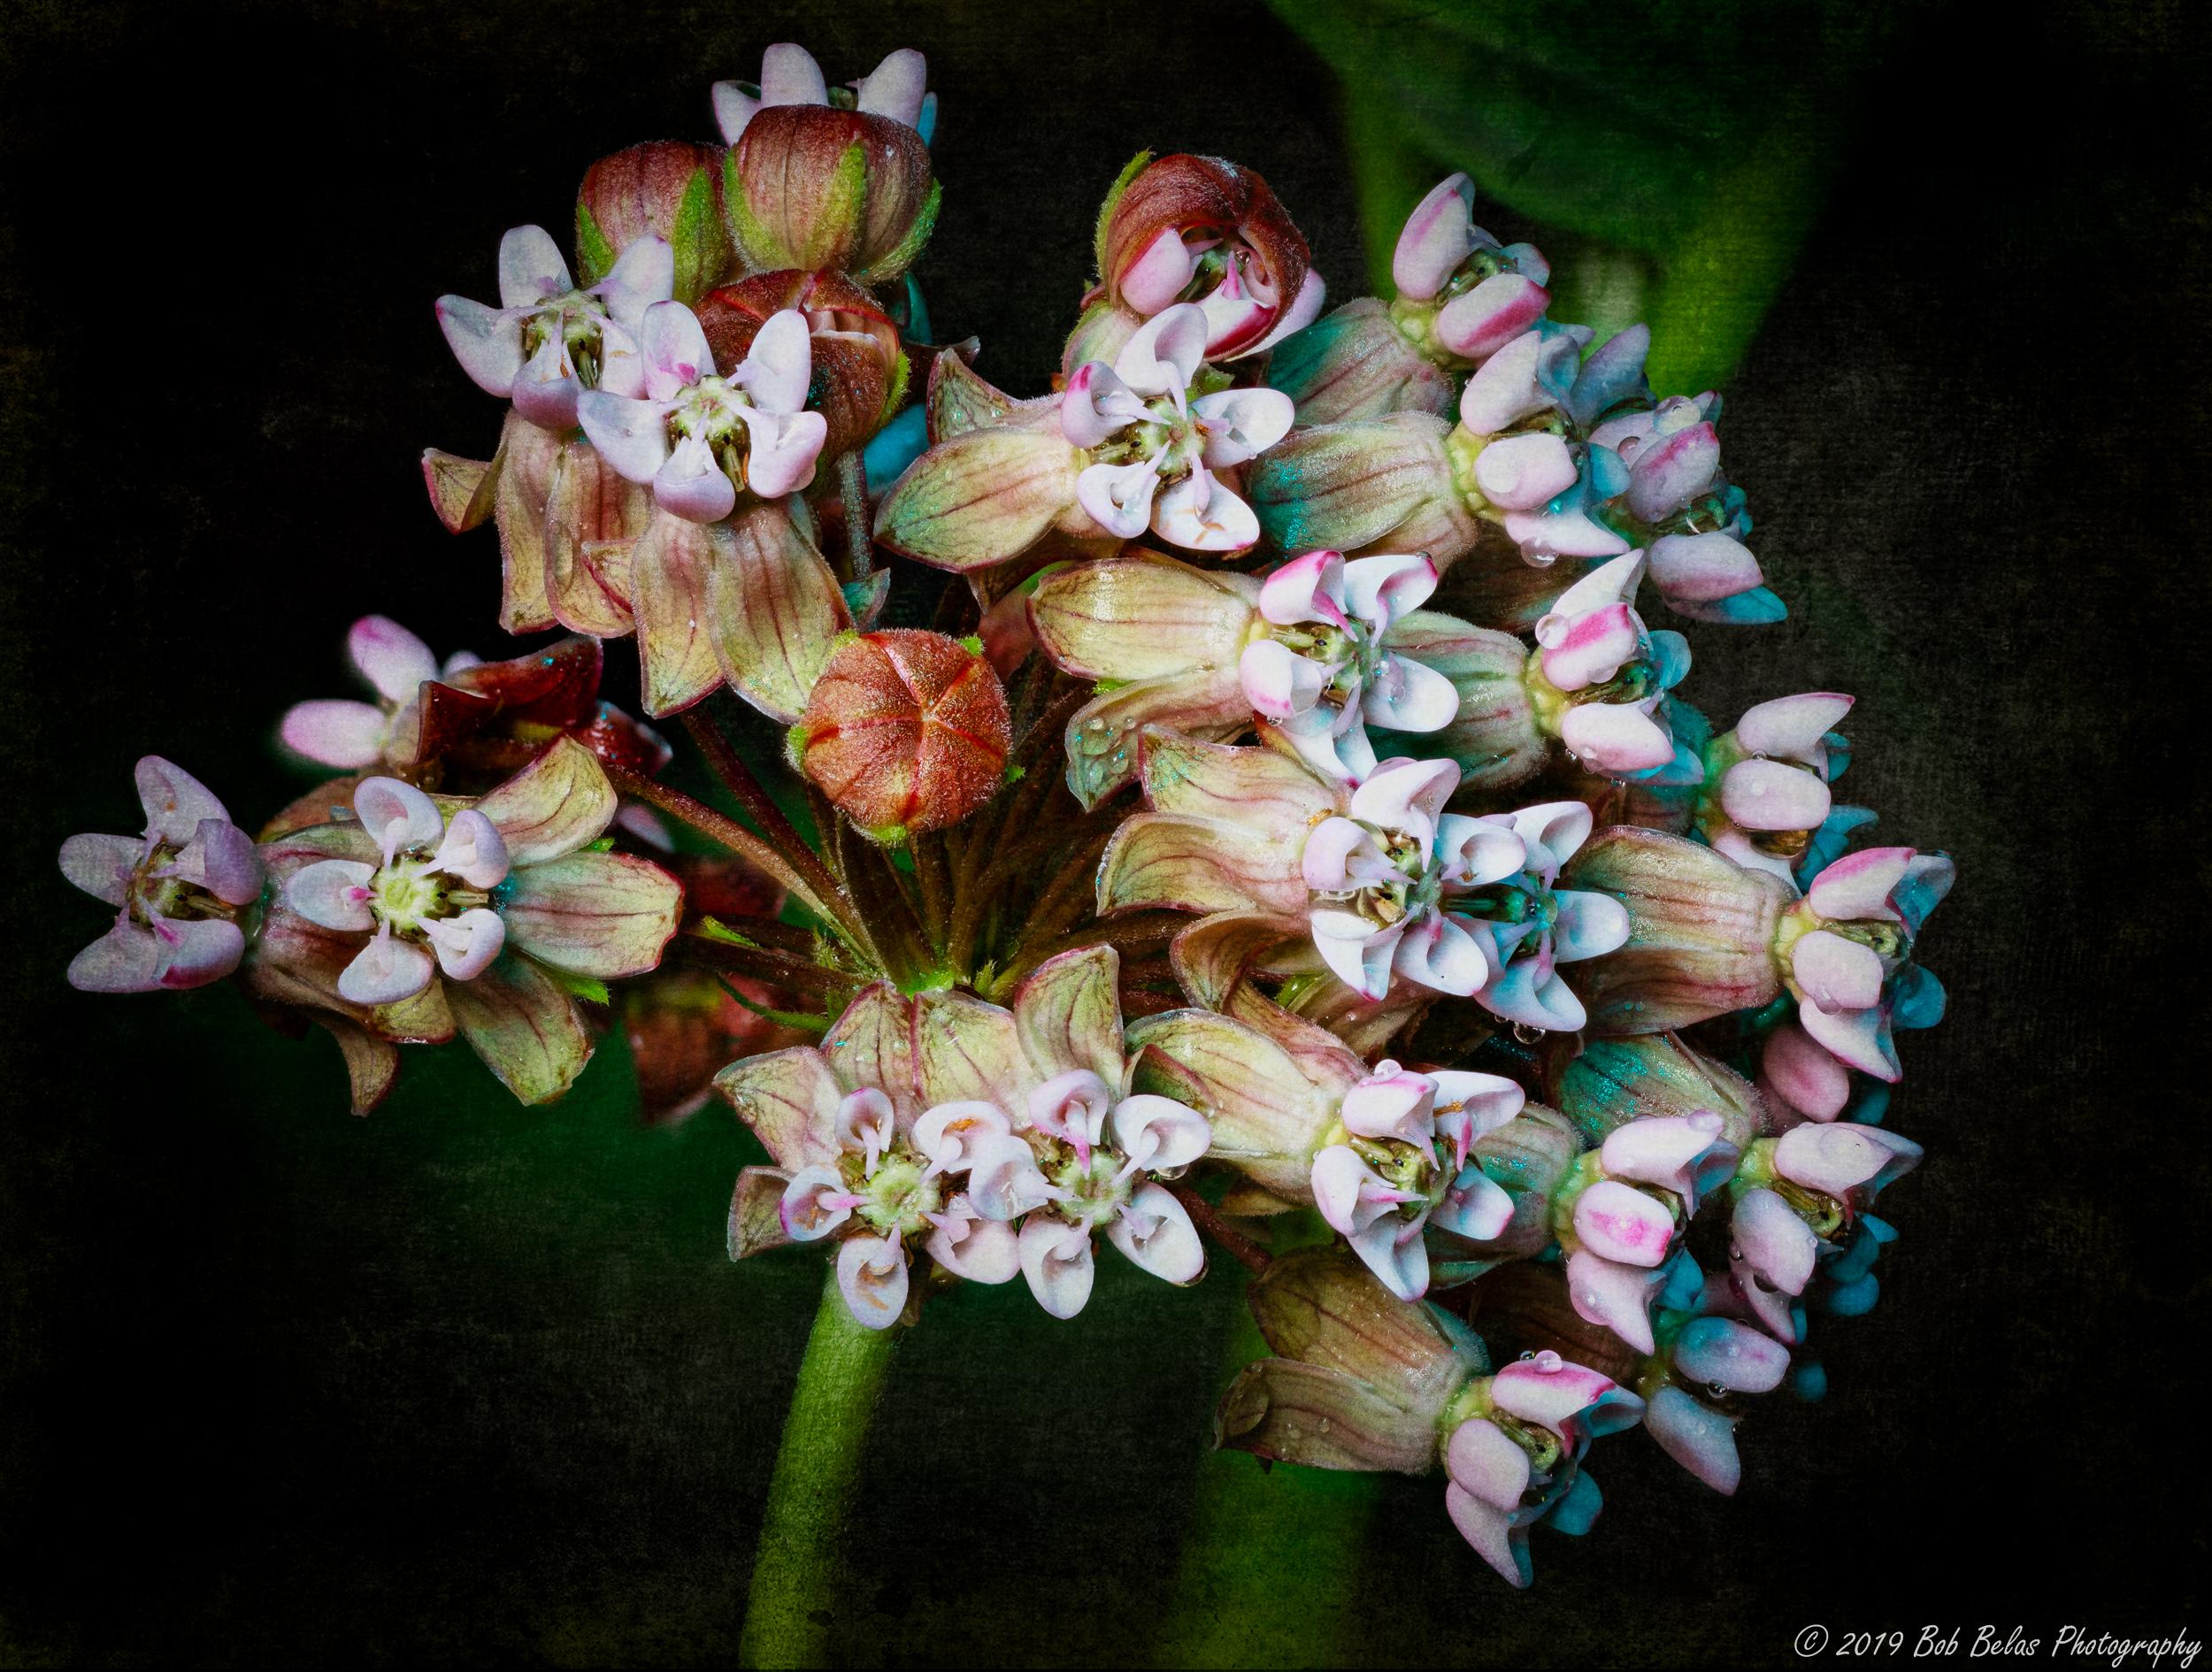 Milkweed Blooms, color